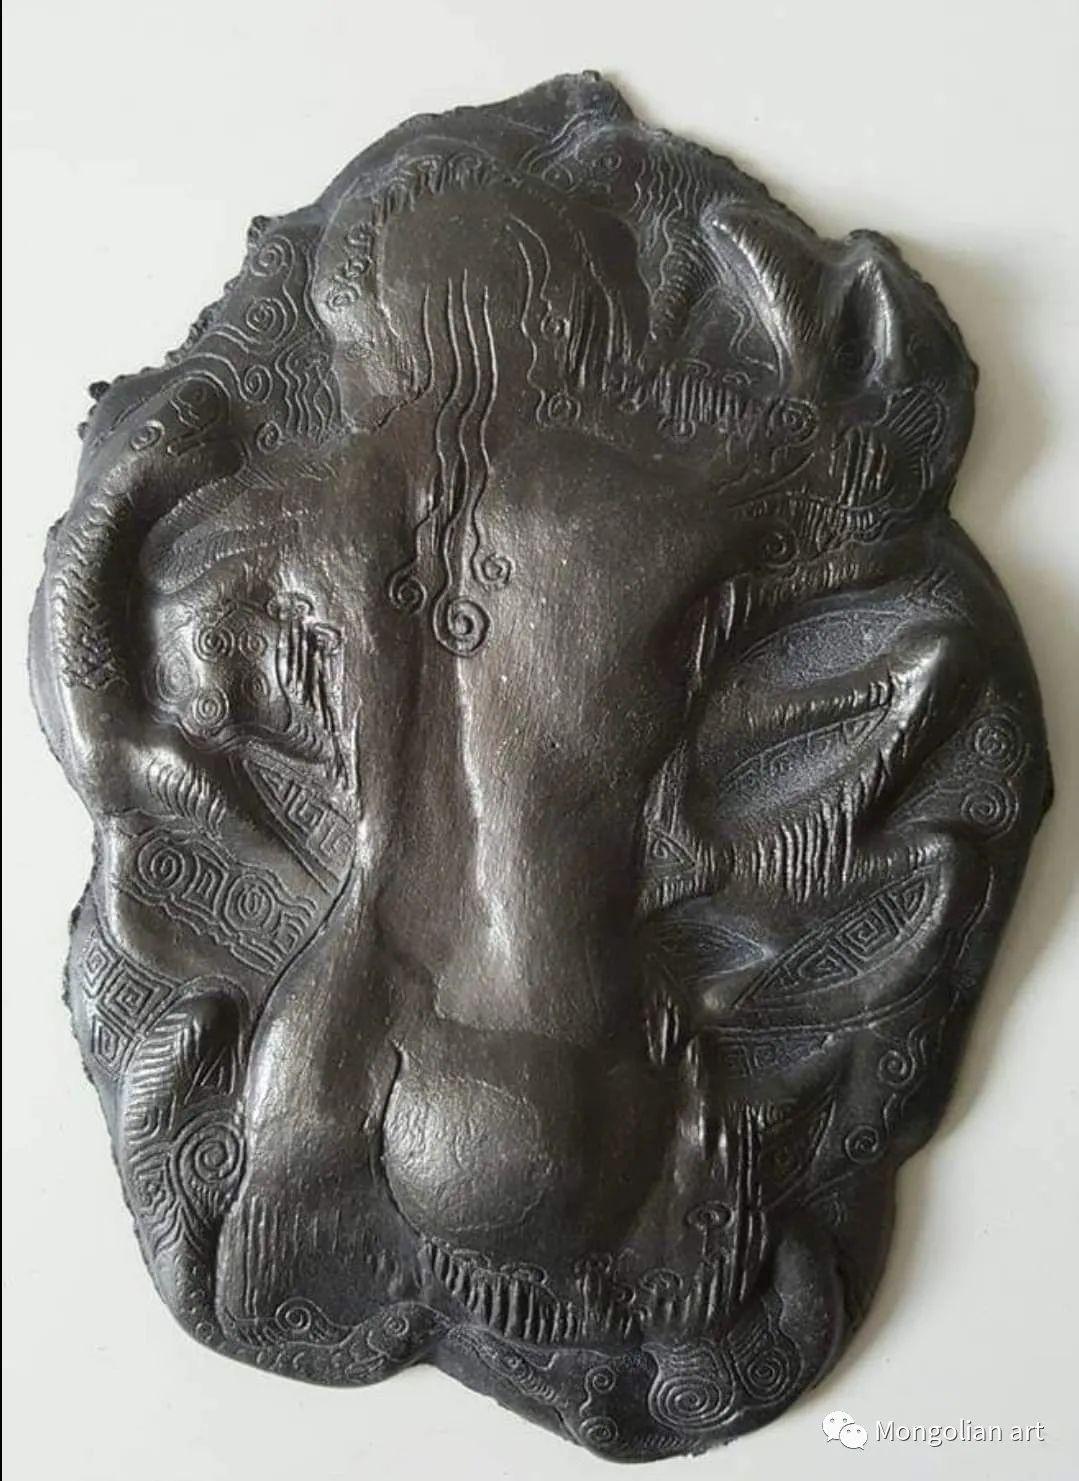 蒙古艺术博物馆获奖雕塑家Tuvdendorj Darzav 第16张 蒙古艺术博物馆获奖雕塑家Tuvdendorj Darzav 蒙古画廊